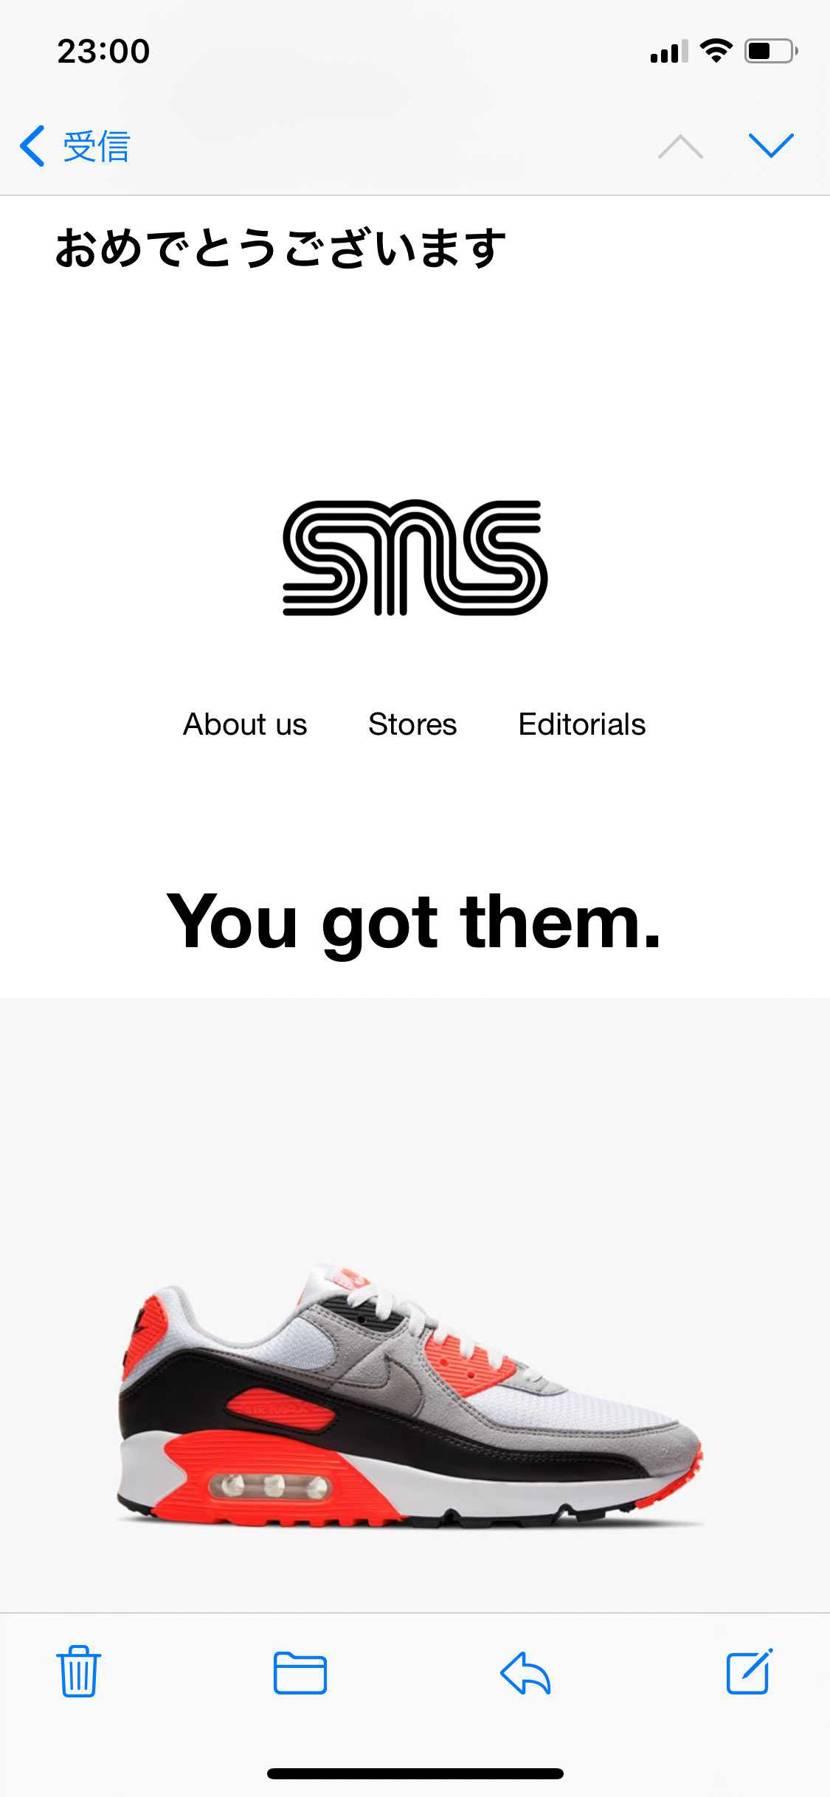 snsの当選メール来ましたね。